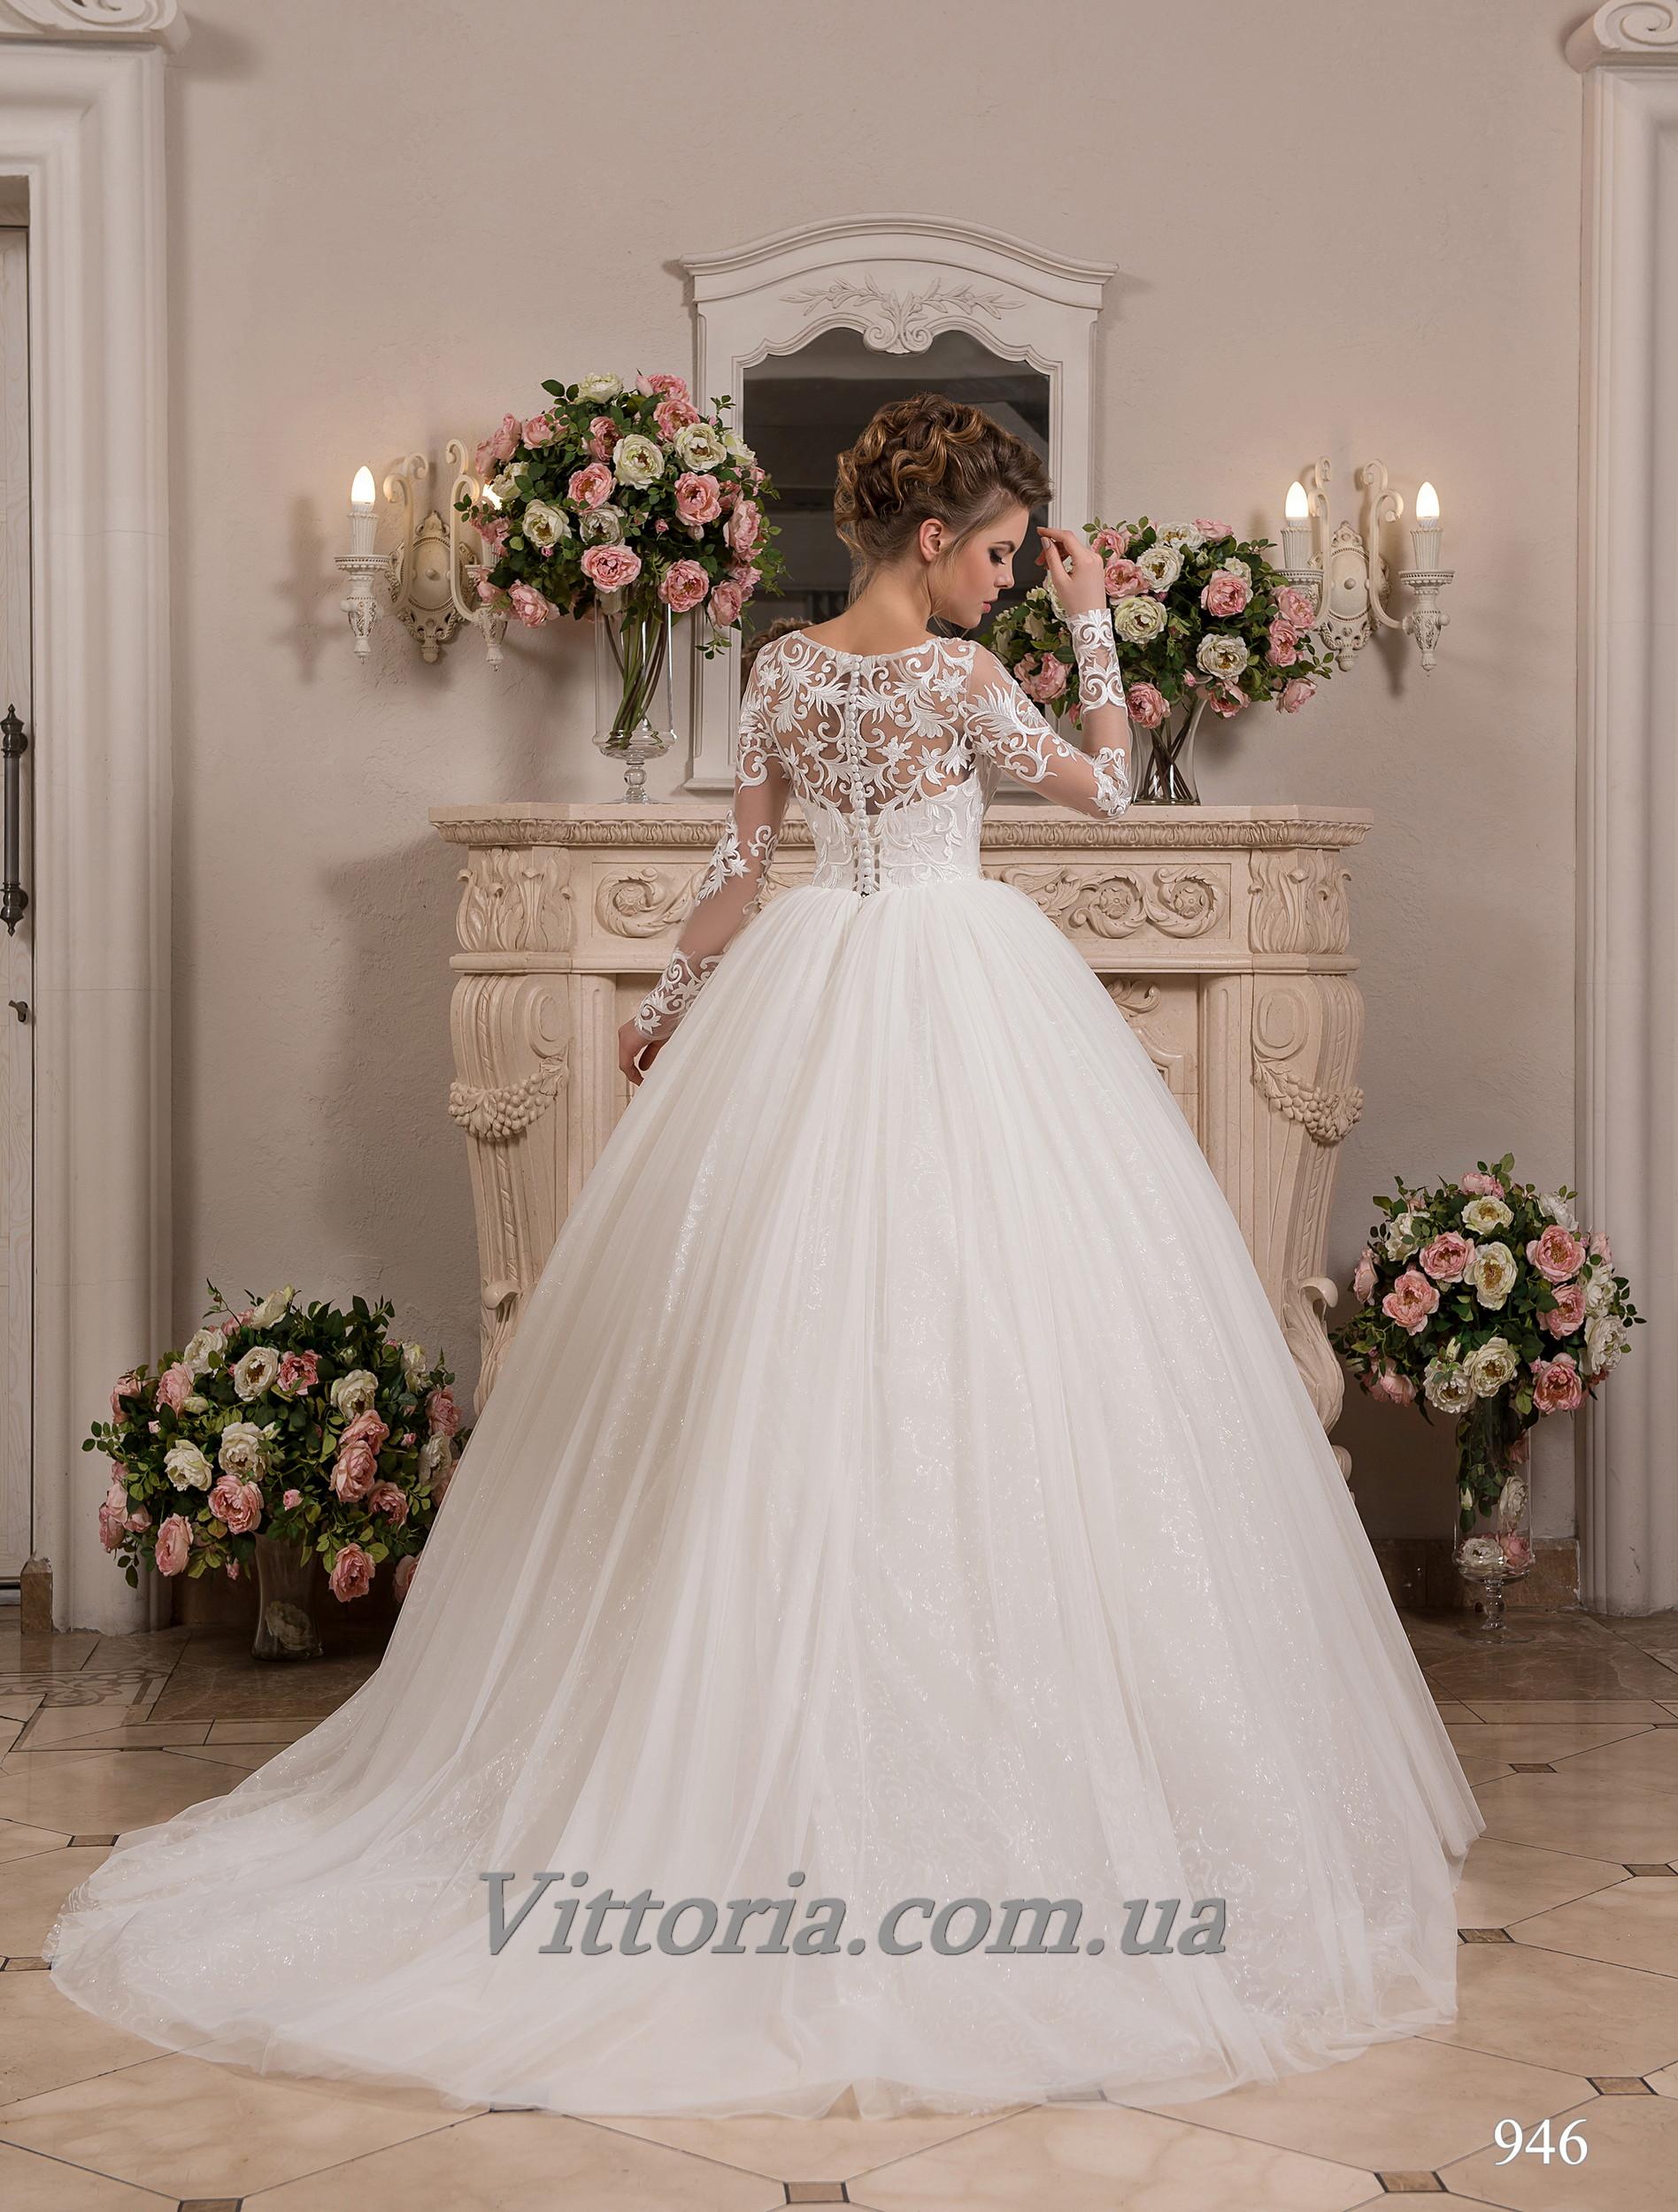 Свадебное платье Модель 17-946